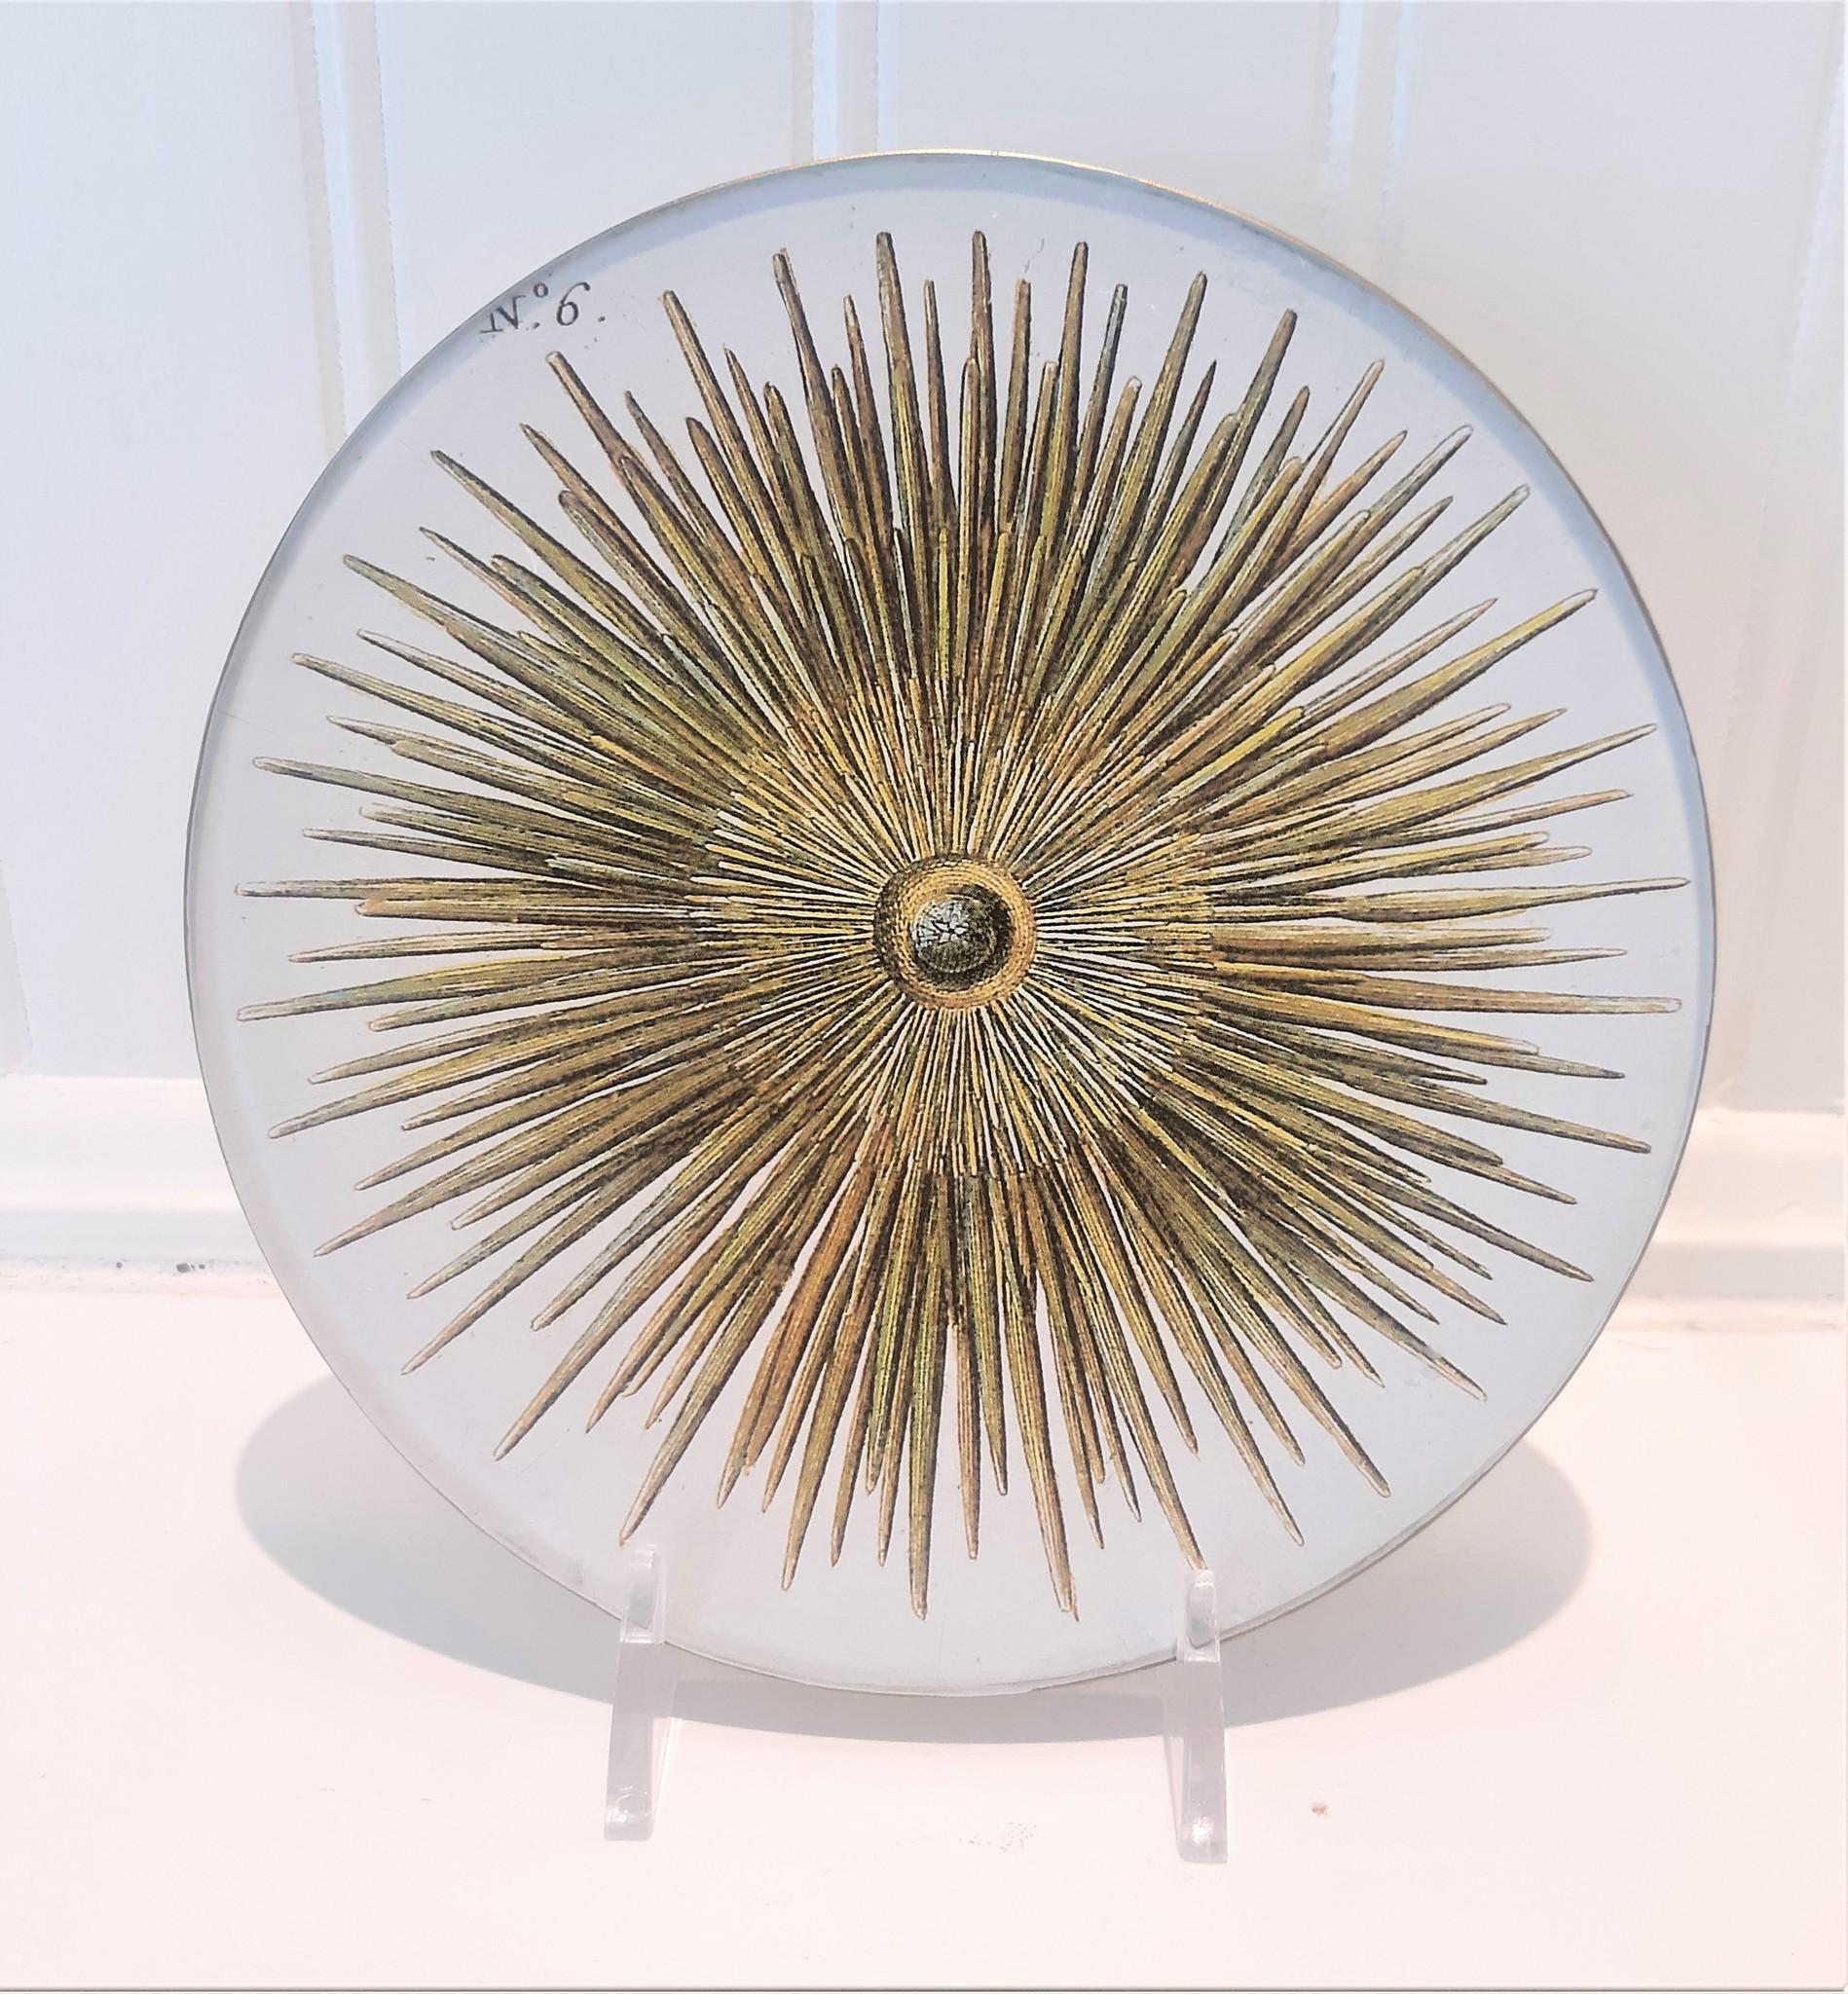 Harpin Urchin #6 5x5